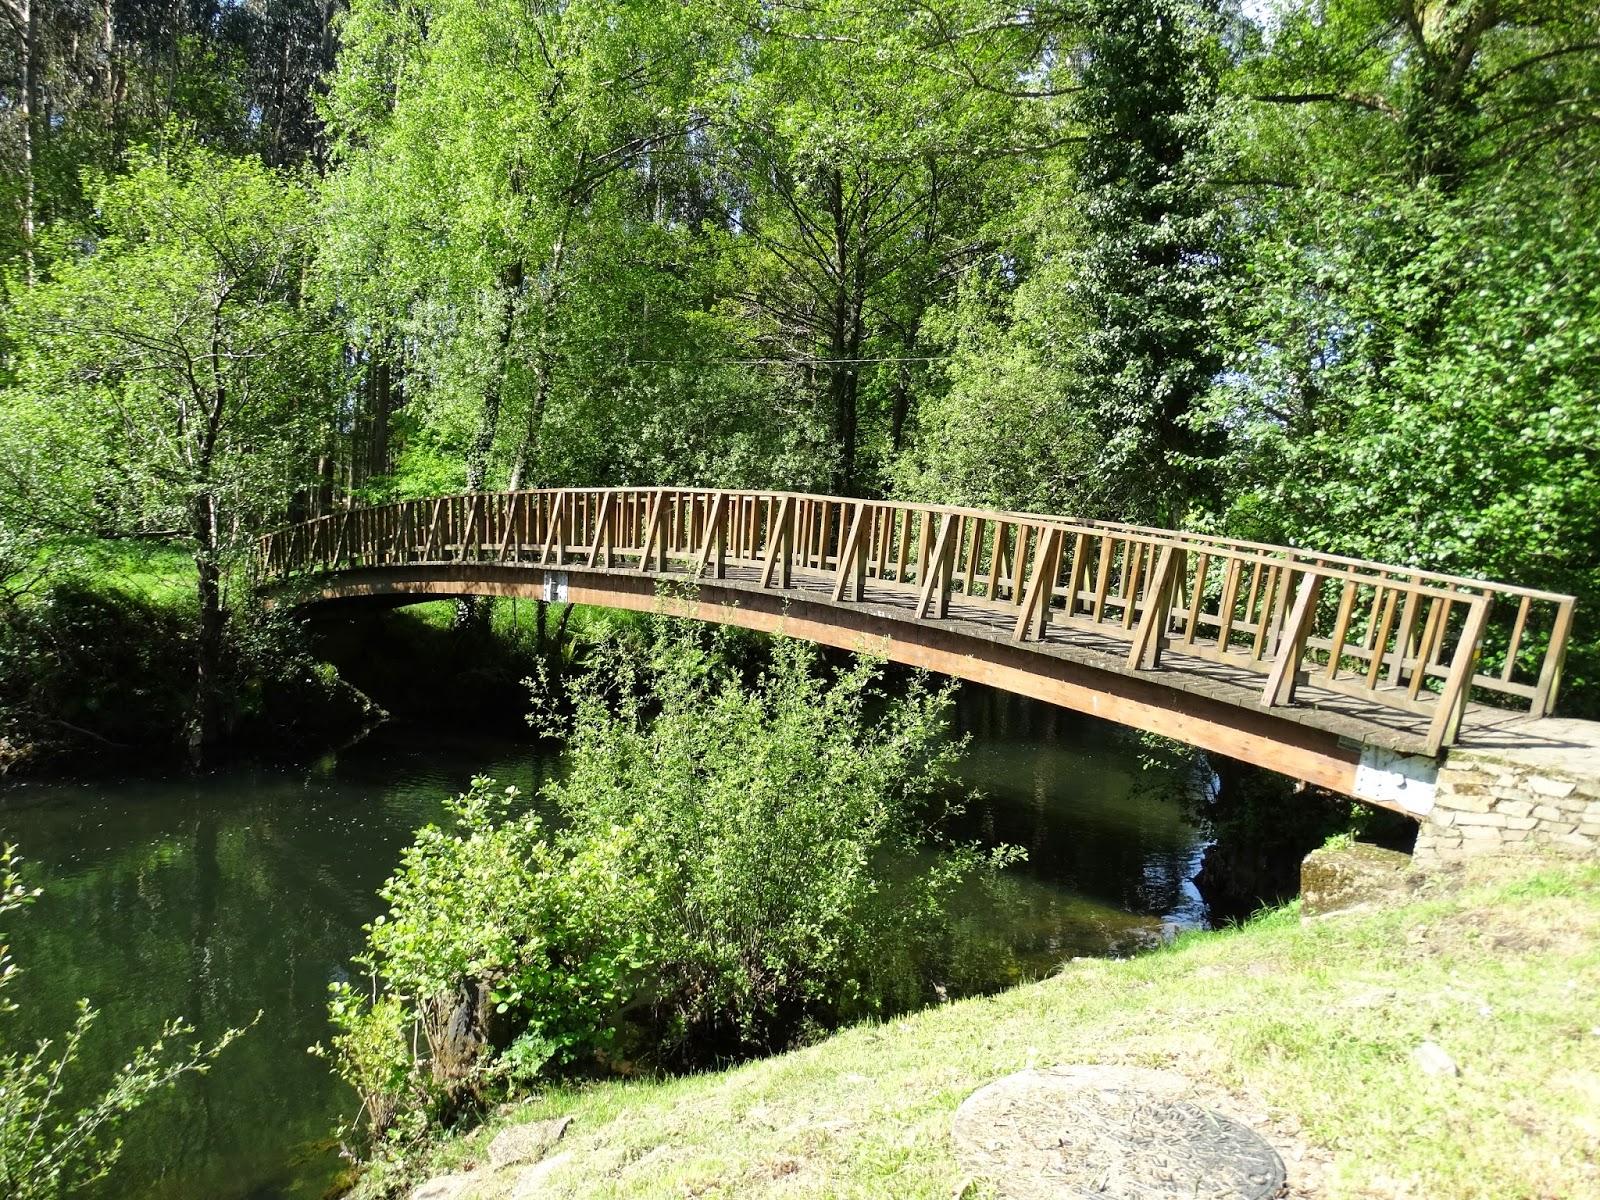 Que ver en as pontes de garc a rodr guez - Tiempo en puentes de garcia rodriguez ...